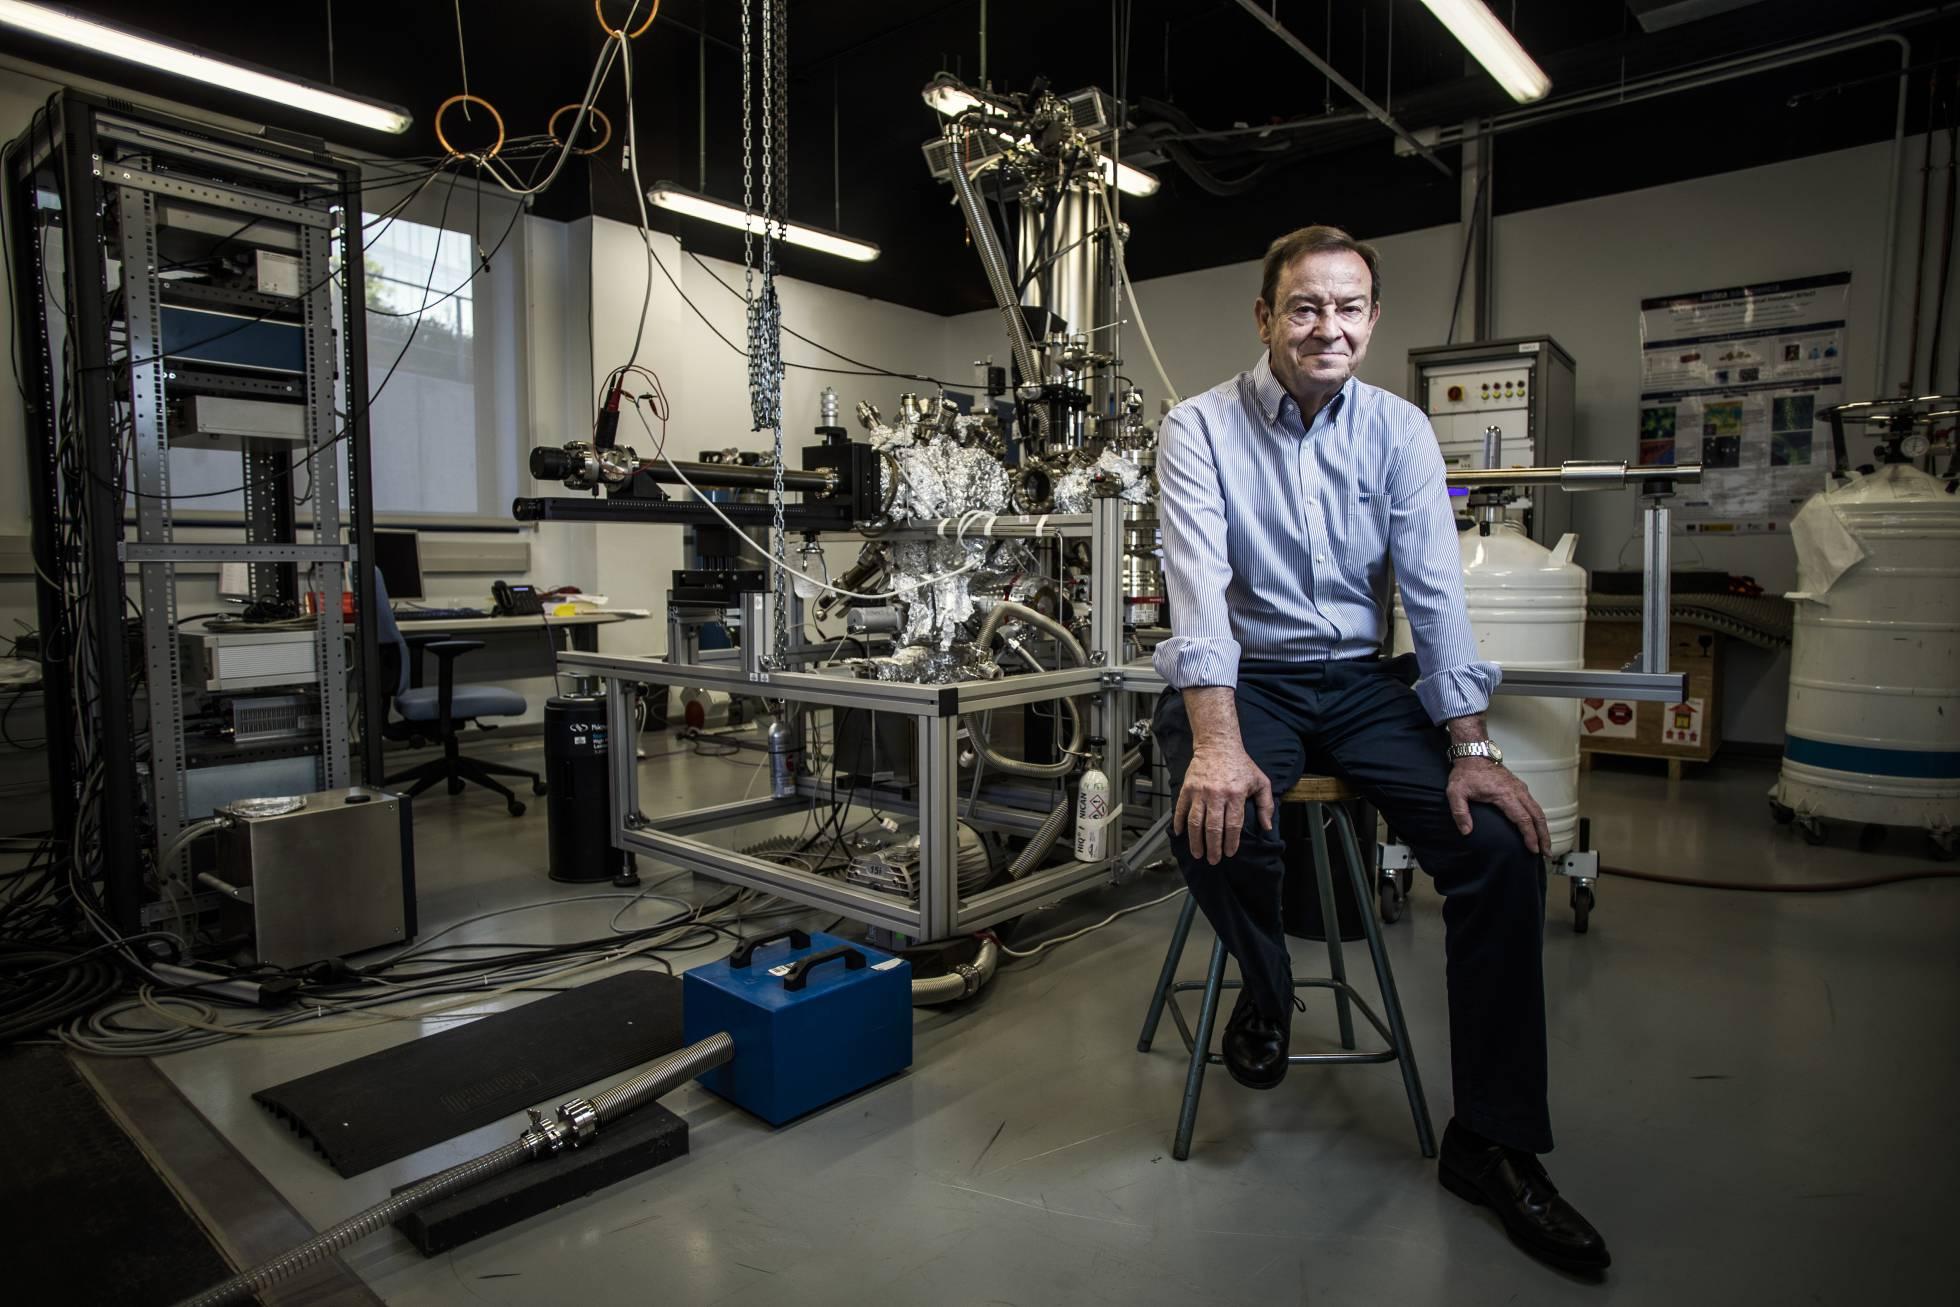 [El País] El 'tsunami' de la nanociencia está por llegar y va a cambiar el mundo